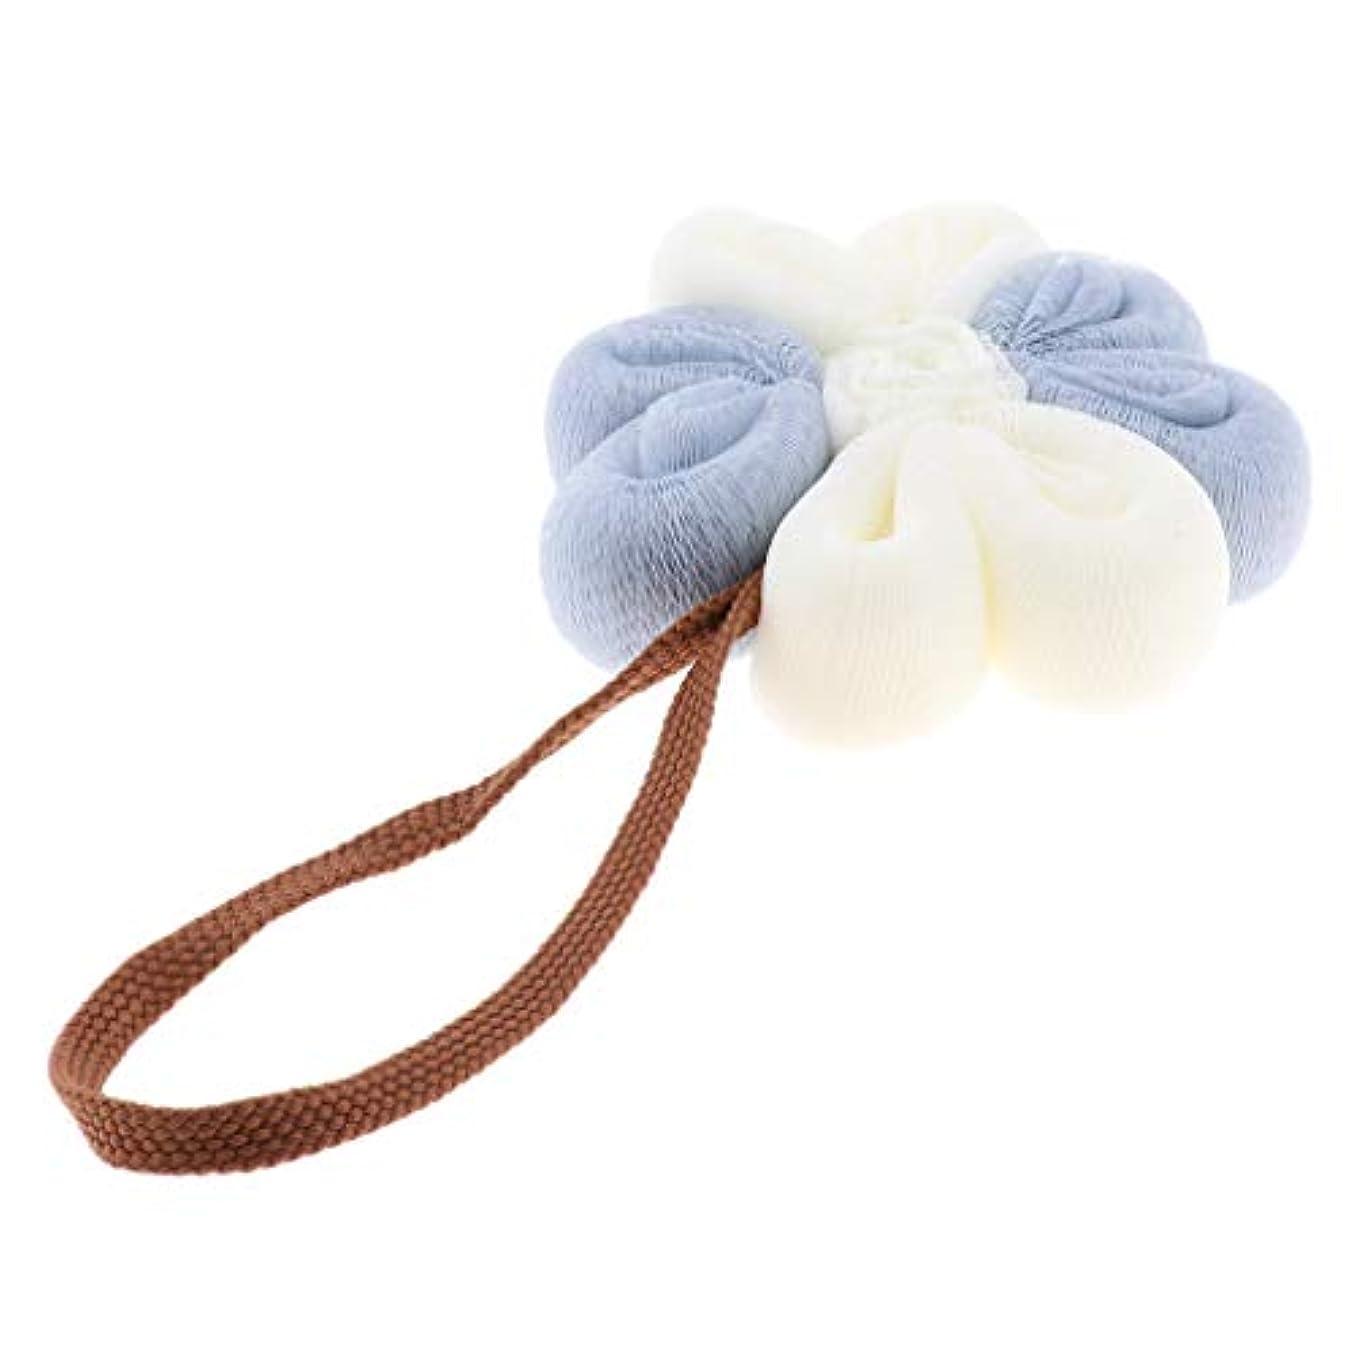 スペイン語より多いインレイHellery 女性男性大浴場シャワースポンジ剥離パフスクラバーボールパッド - ブルーホワイト